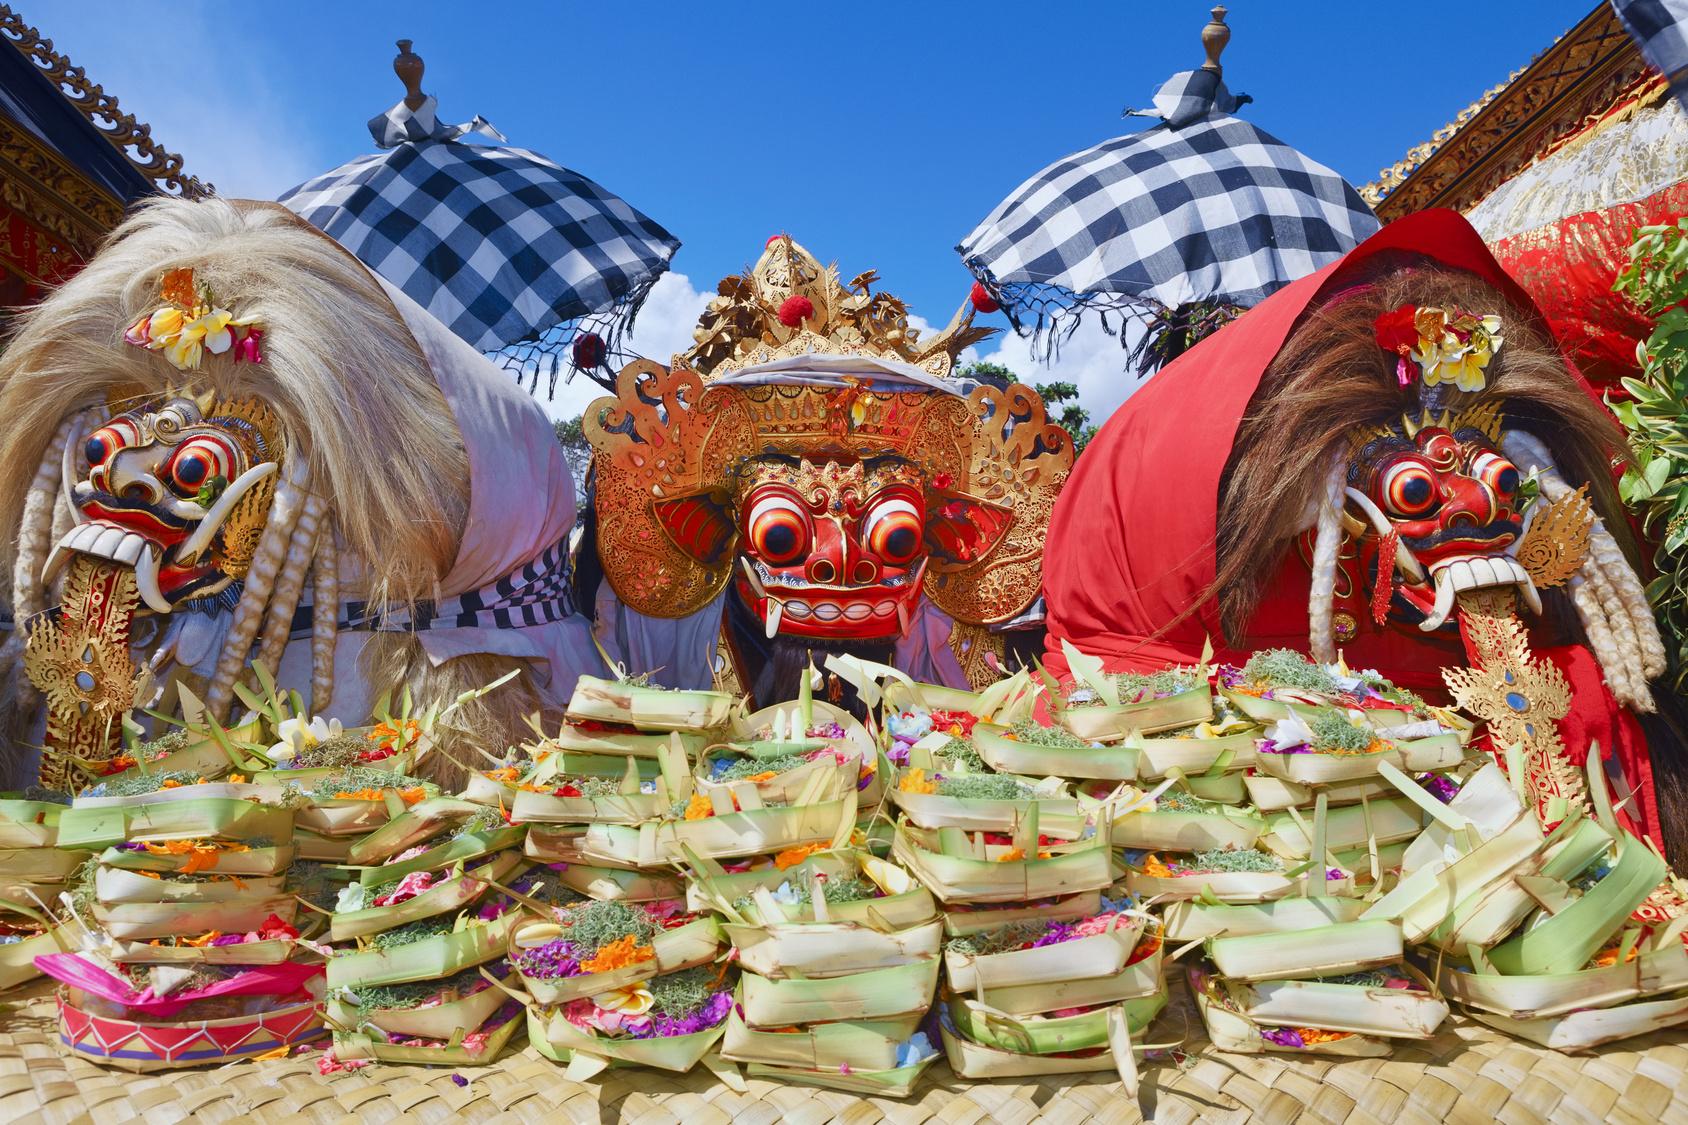 Barong i Rangda - tradycyjne balijskie duchy w czasie ceremonii Nyepi Eve, poprzedzającej Nyepi Day (Dzień Ciszy), fot. Fotolia